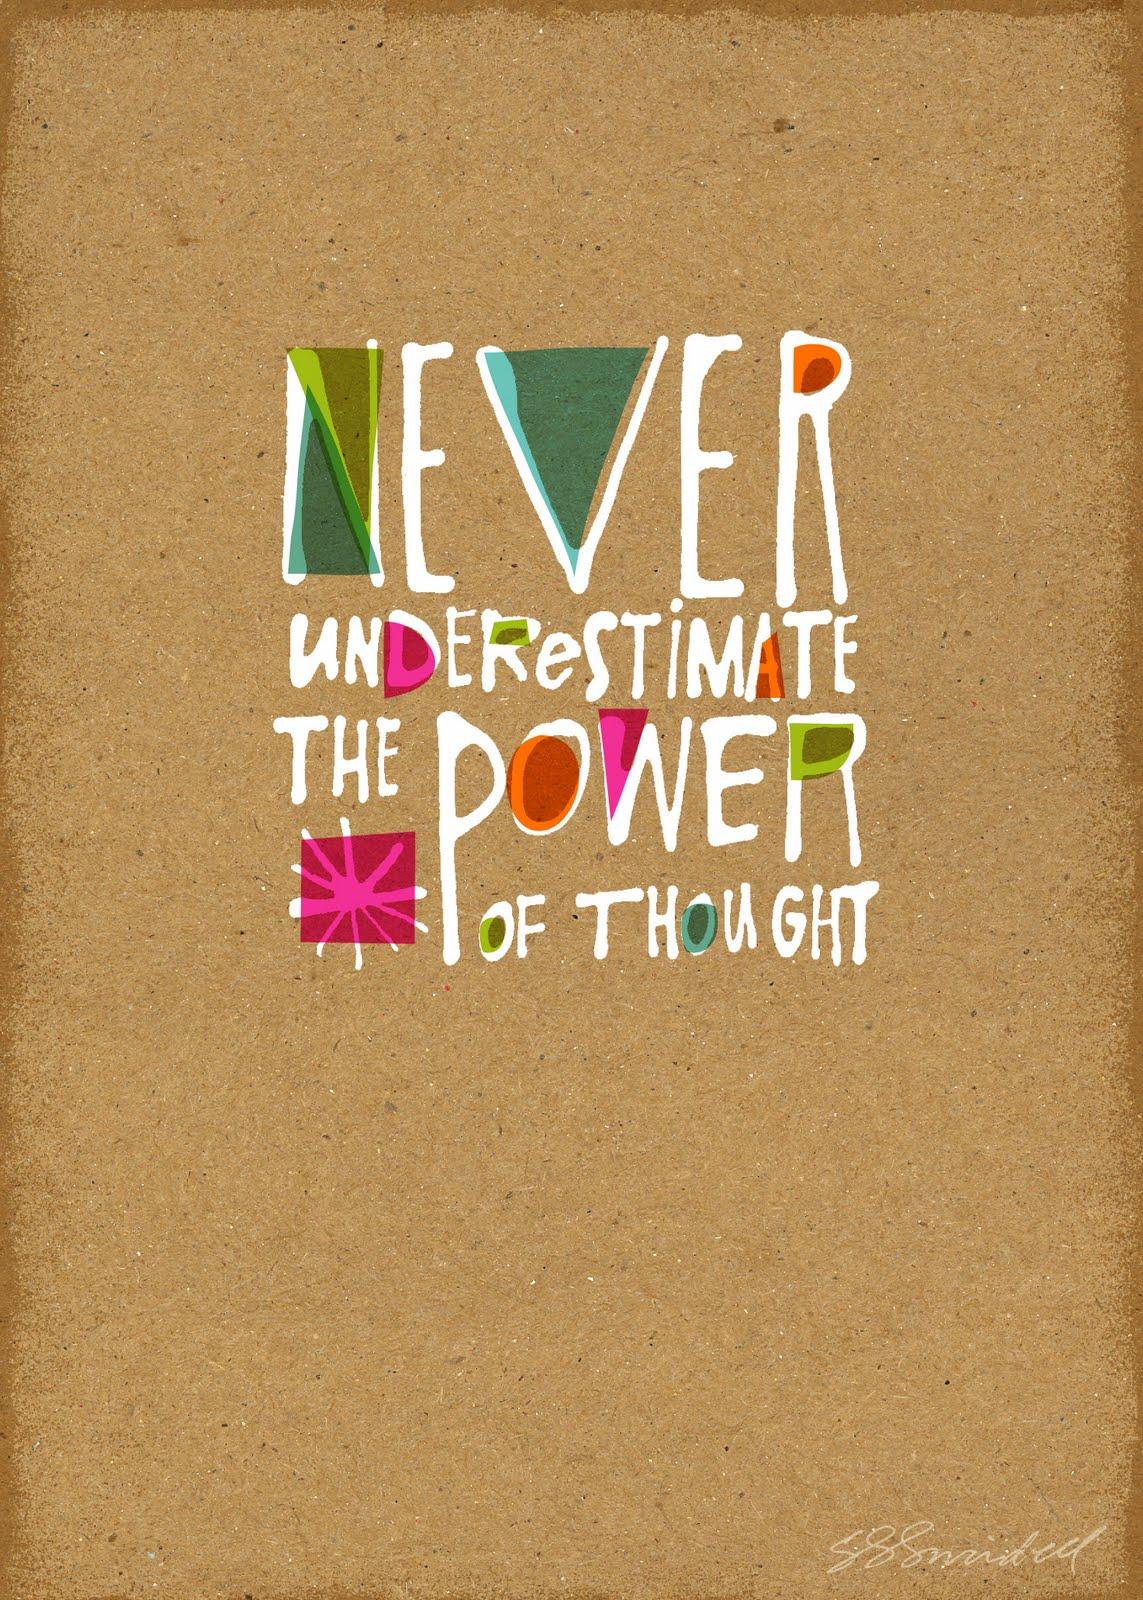 Creative quote #7